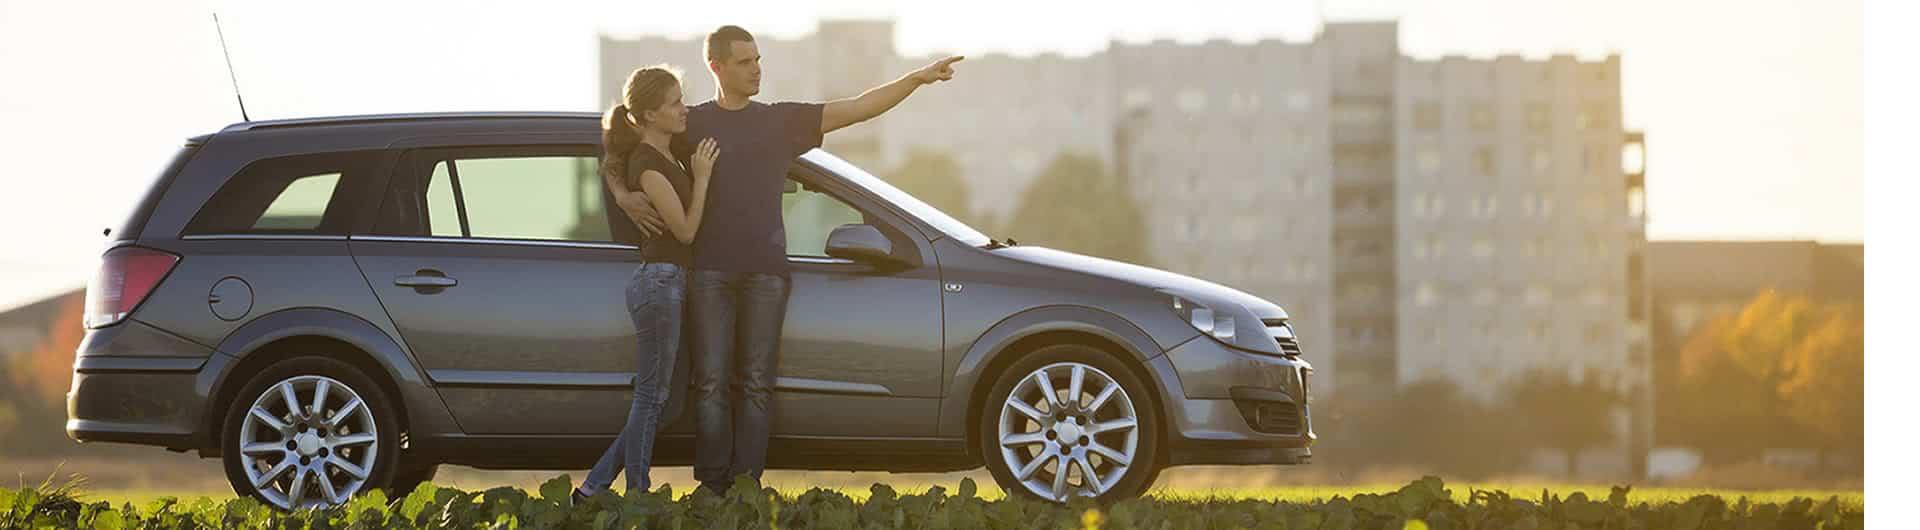 Nach Dieselverbot Autobahn – jetzt Diesel verkaufen?